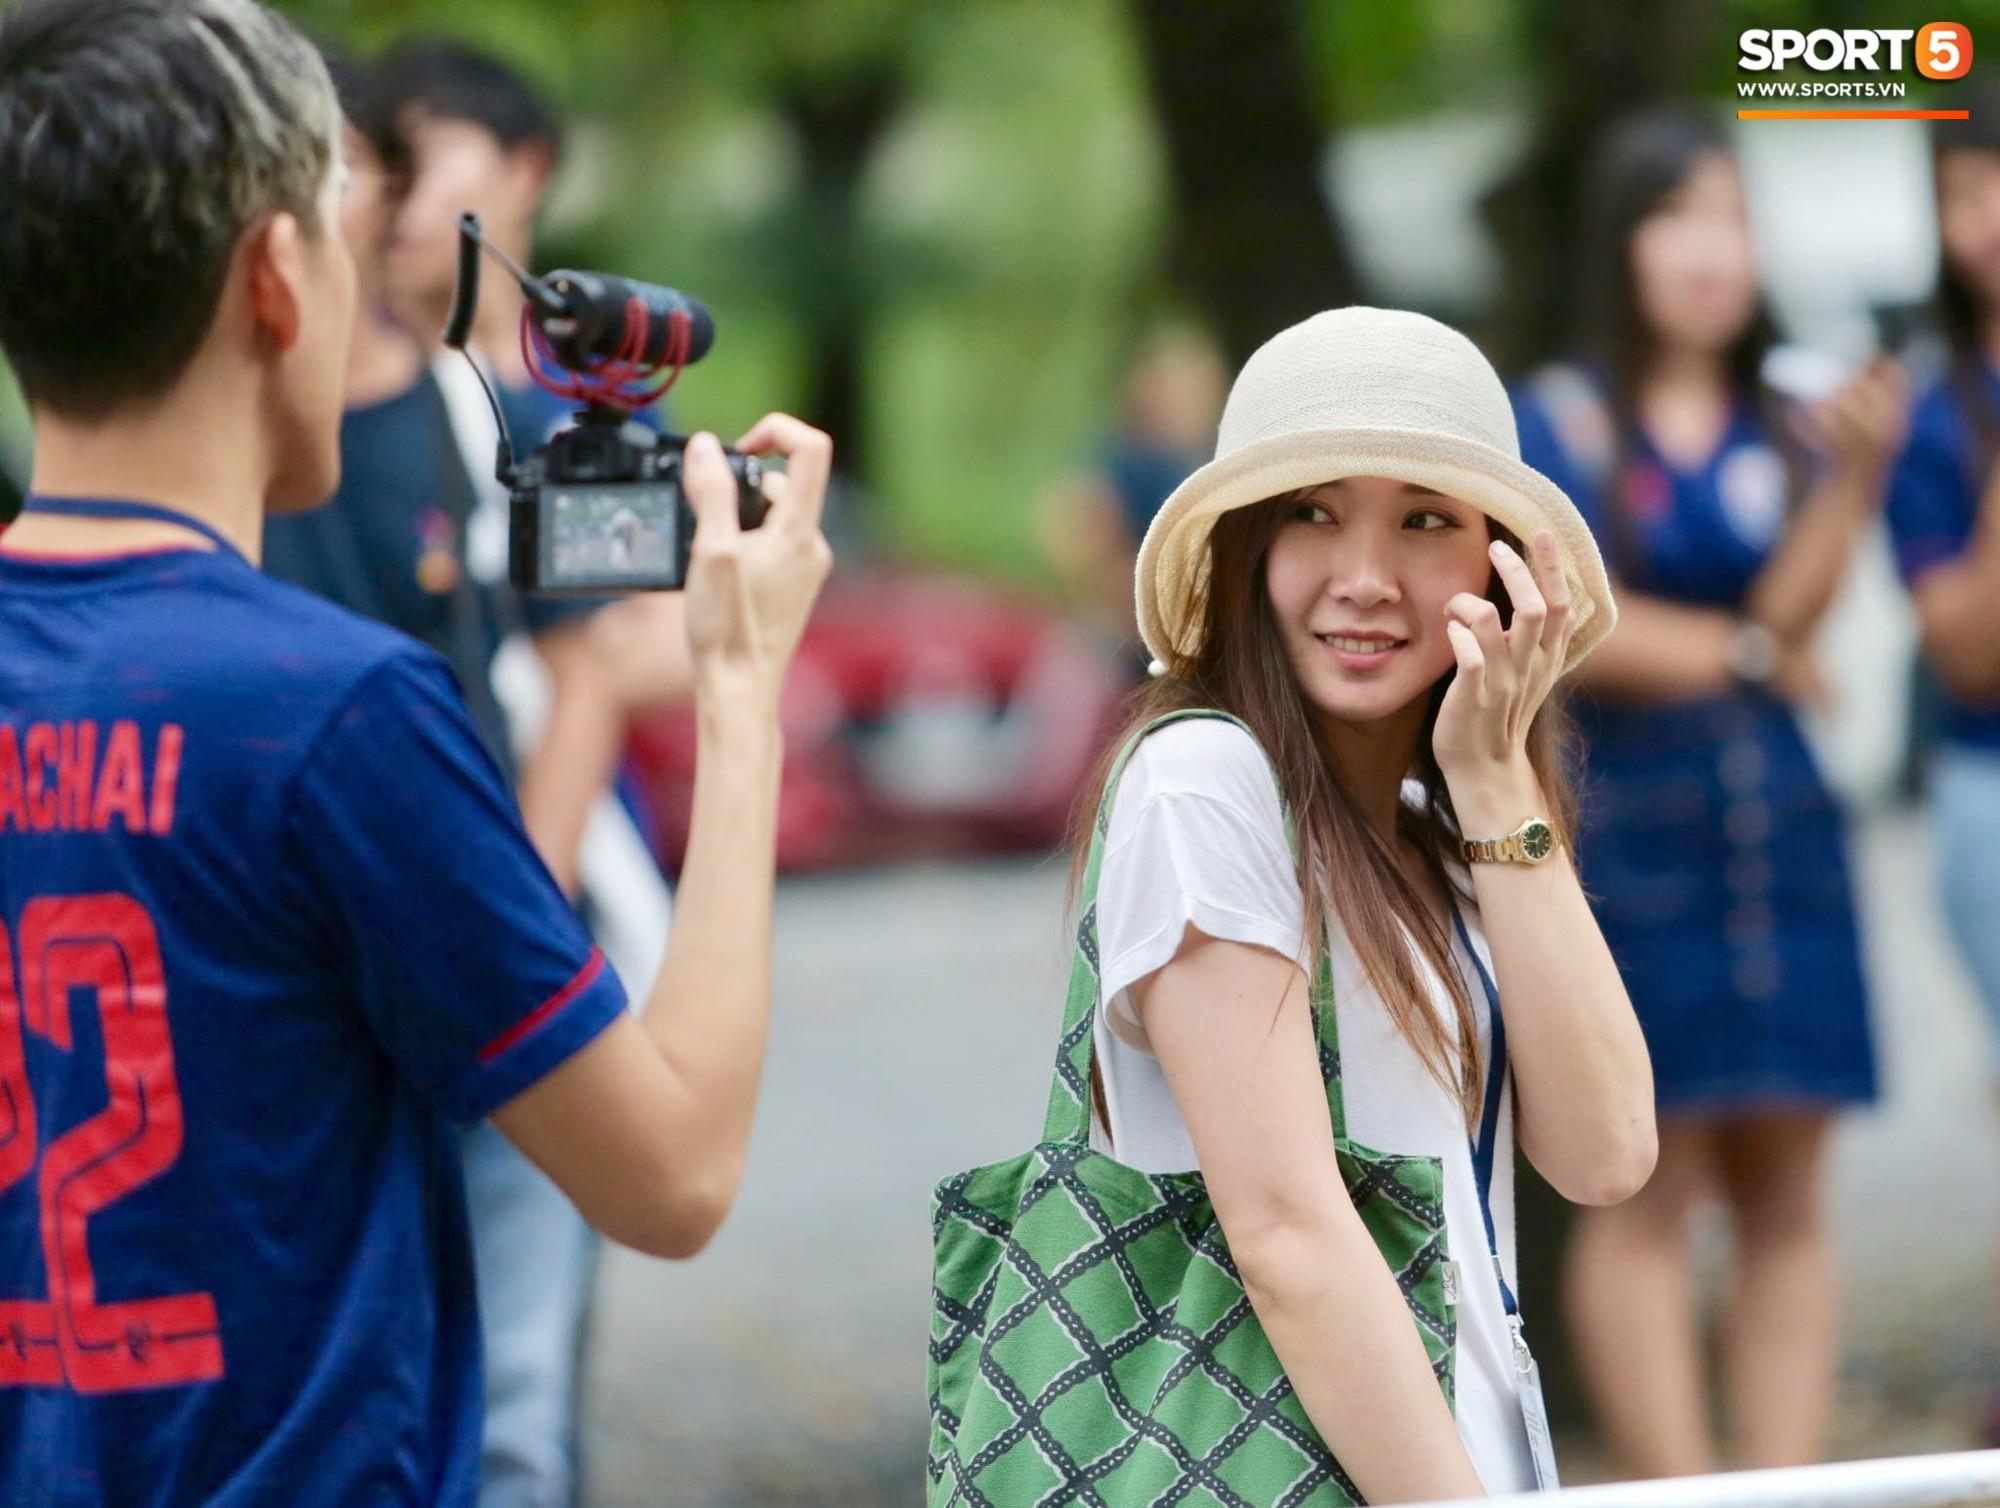 Fan Thái Lan có hành động xấu, giơ 'ngón tay thối' trên khán đài khi nghe đọc tên HLV Park Hang-seo 7